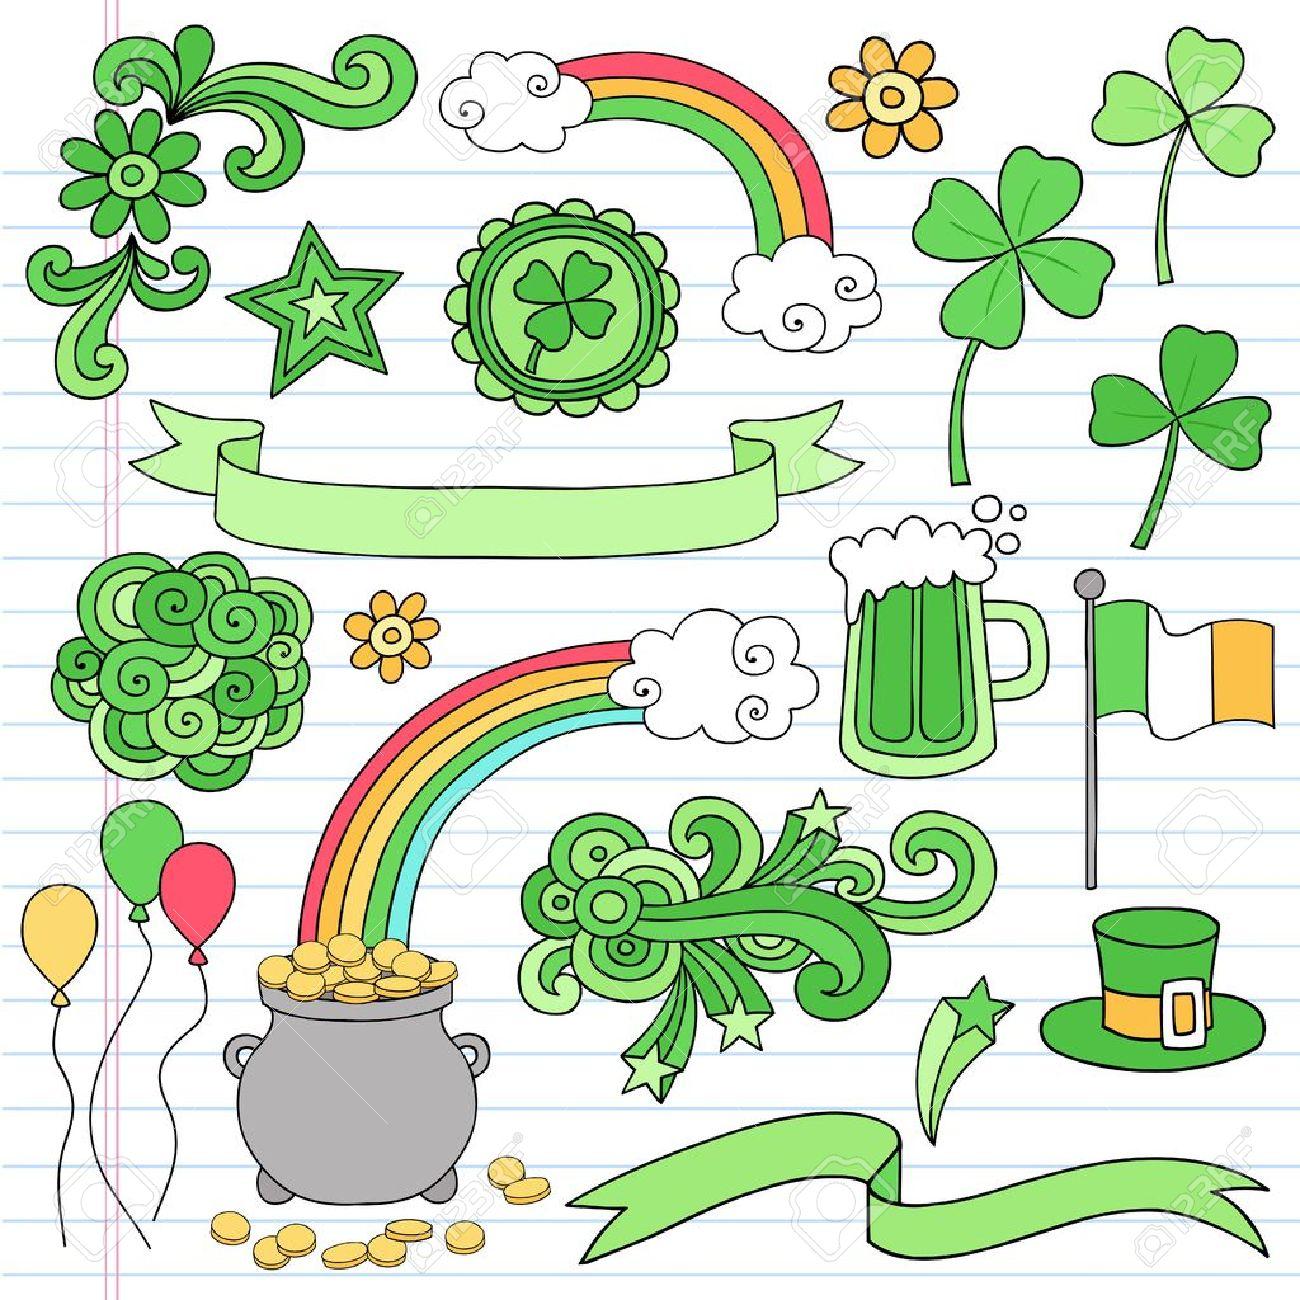 St Patricks Day Icon Set Notebook Doodles Vector Illustration Design Elements on Lined Sketchbook Paper Background Stock Vector - 12411871